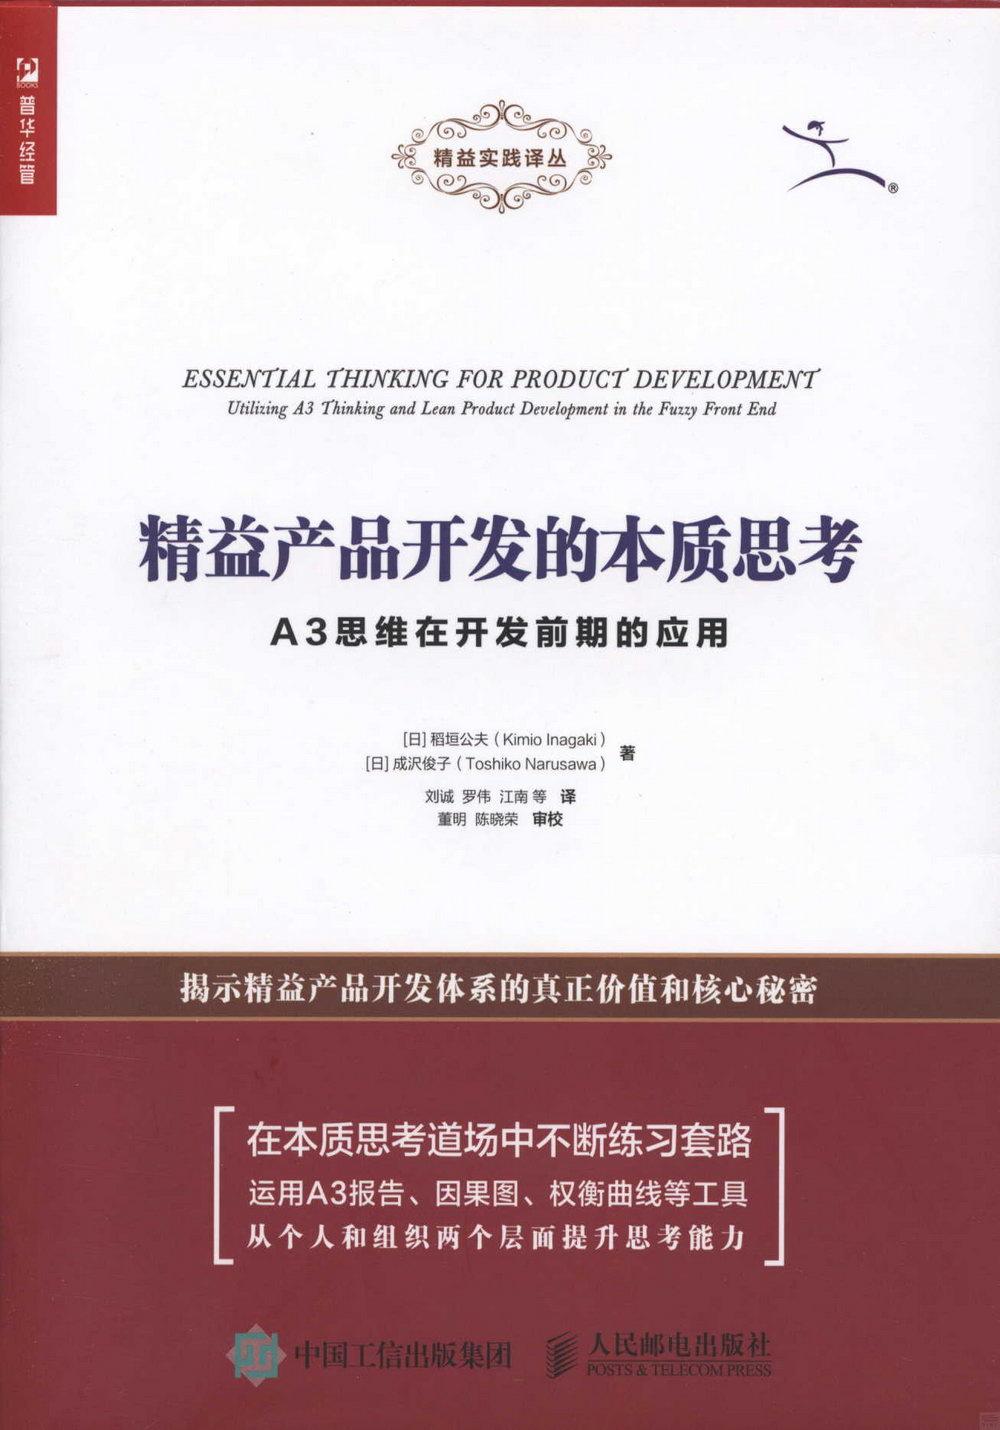 精益產品開發的本質思考:A3思維在開發前期的應用